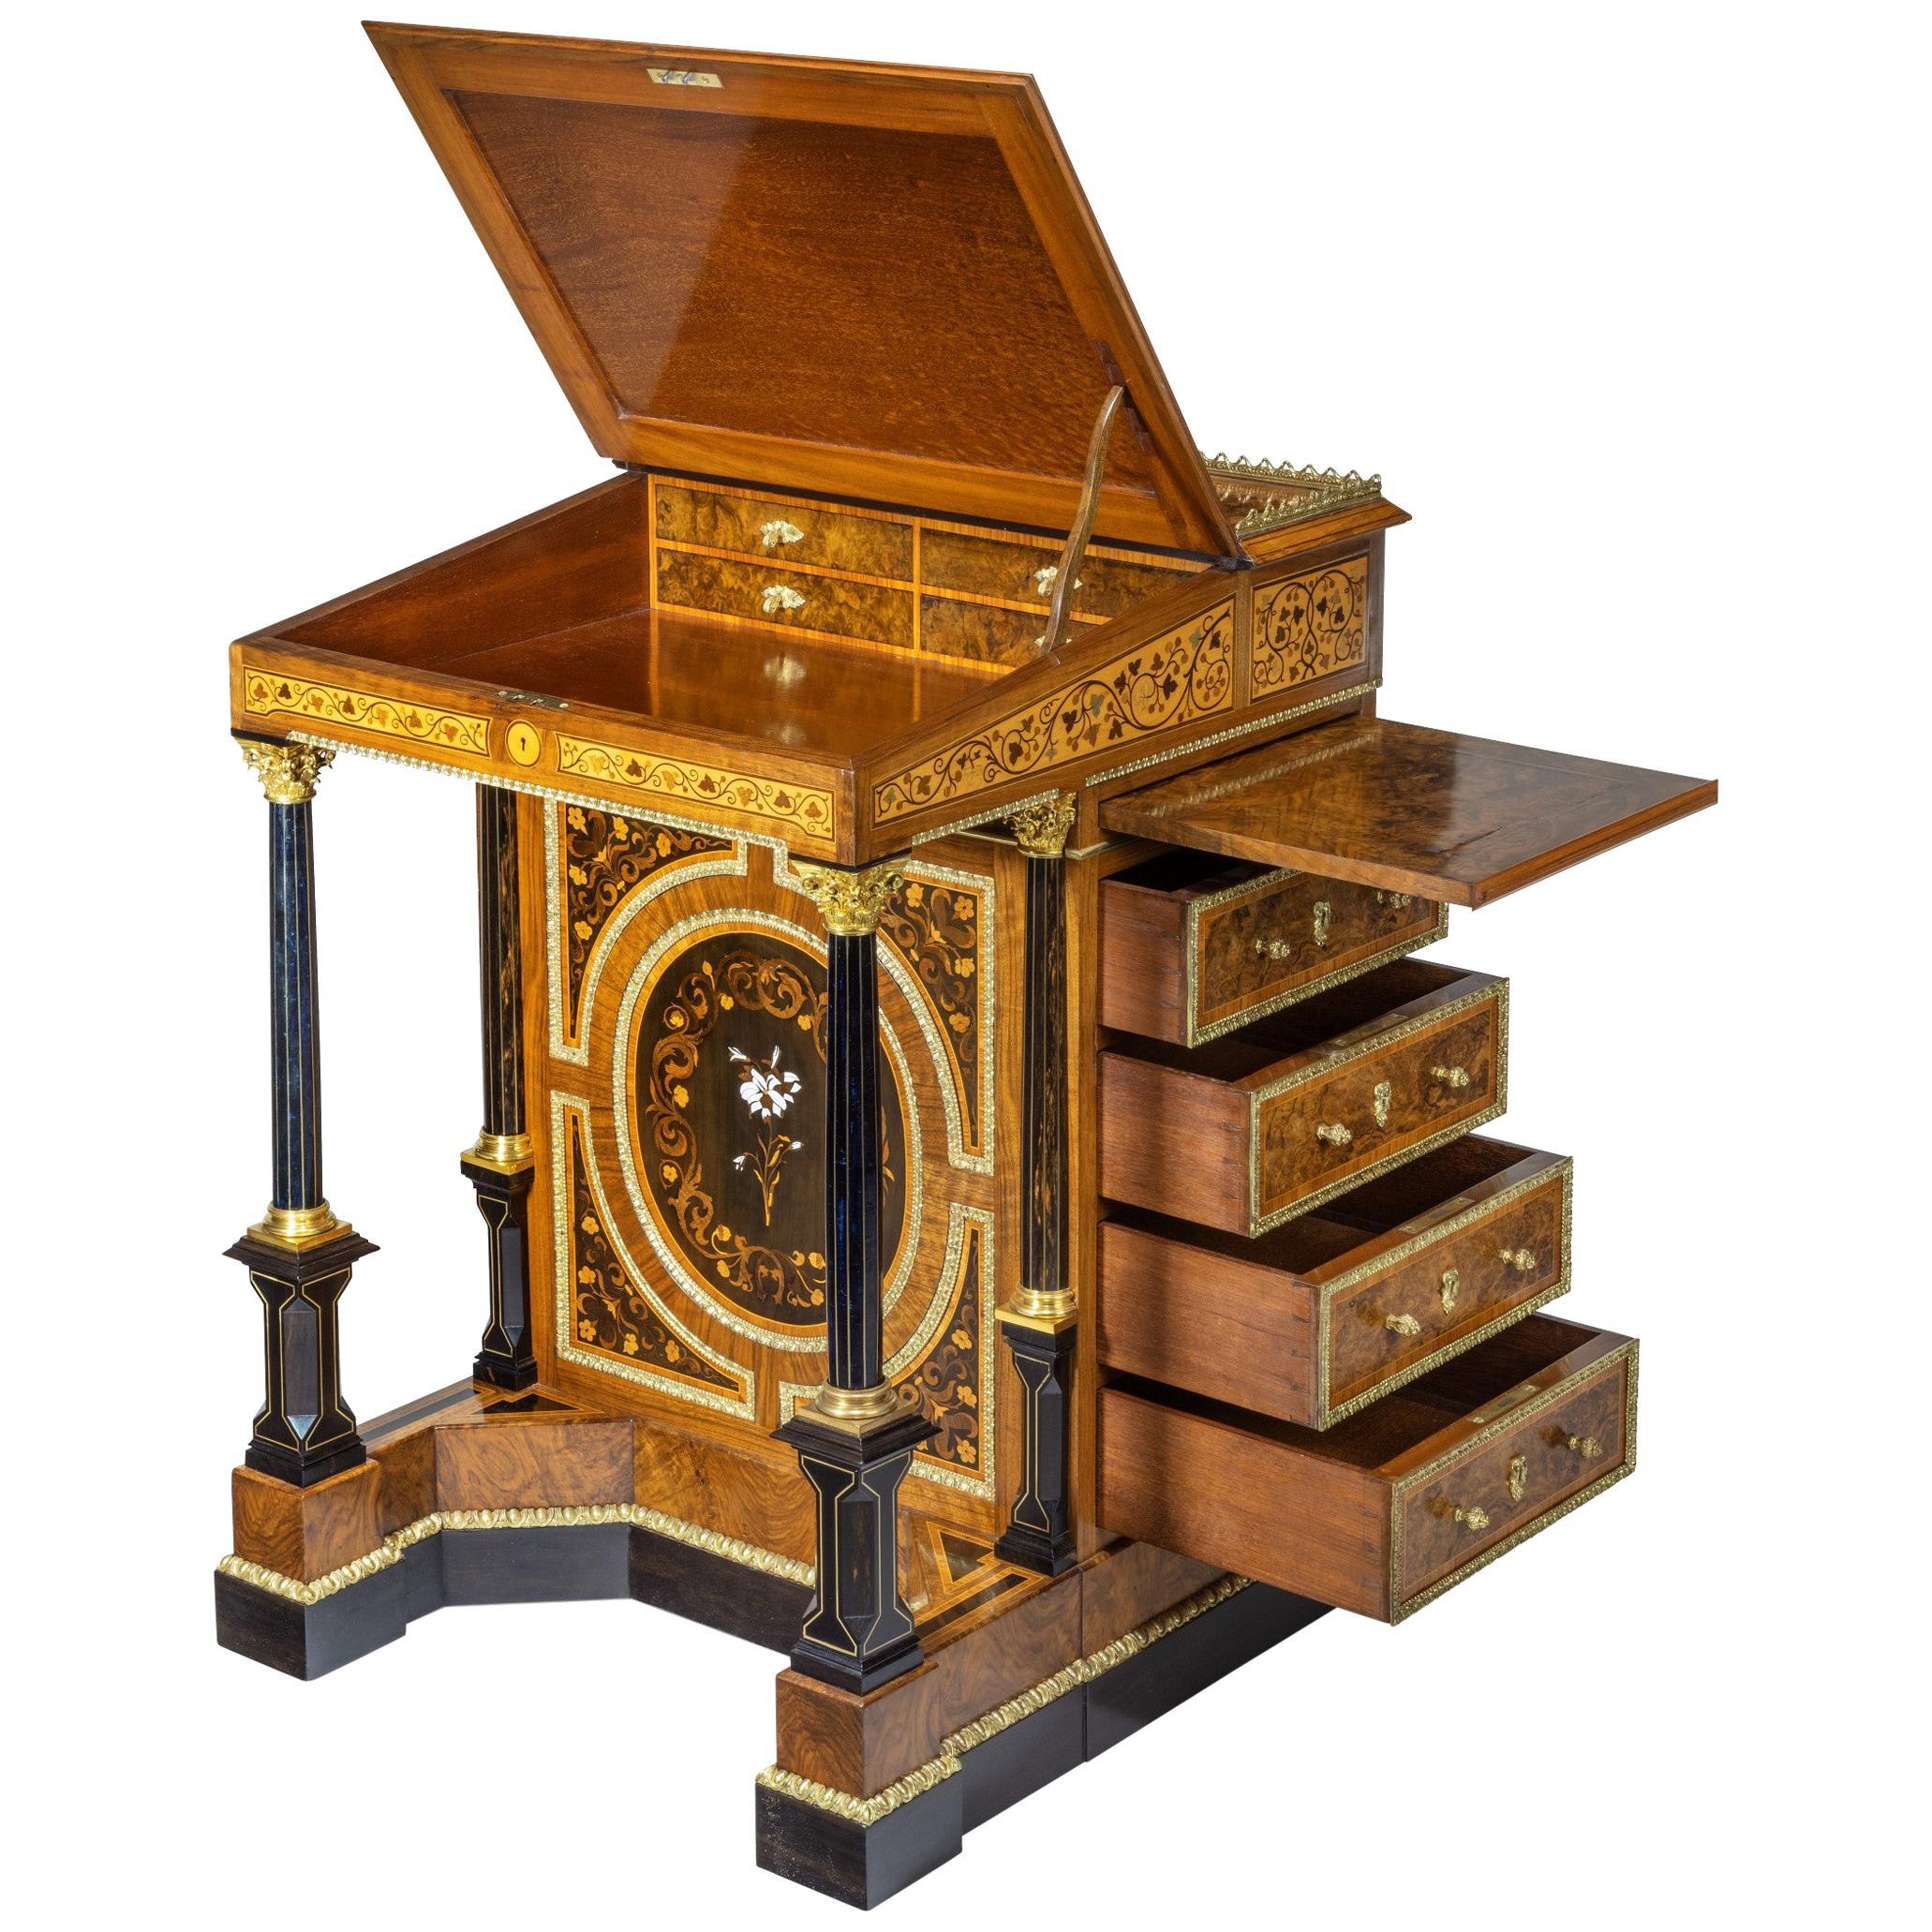 High Victorian Freestanding Burr-Walnut Davenport Desk England, 1870